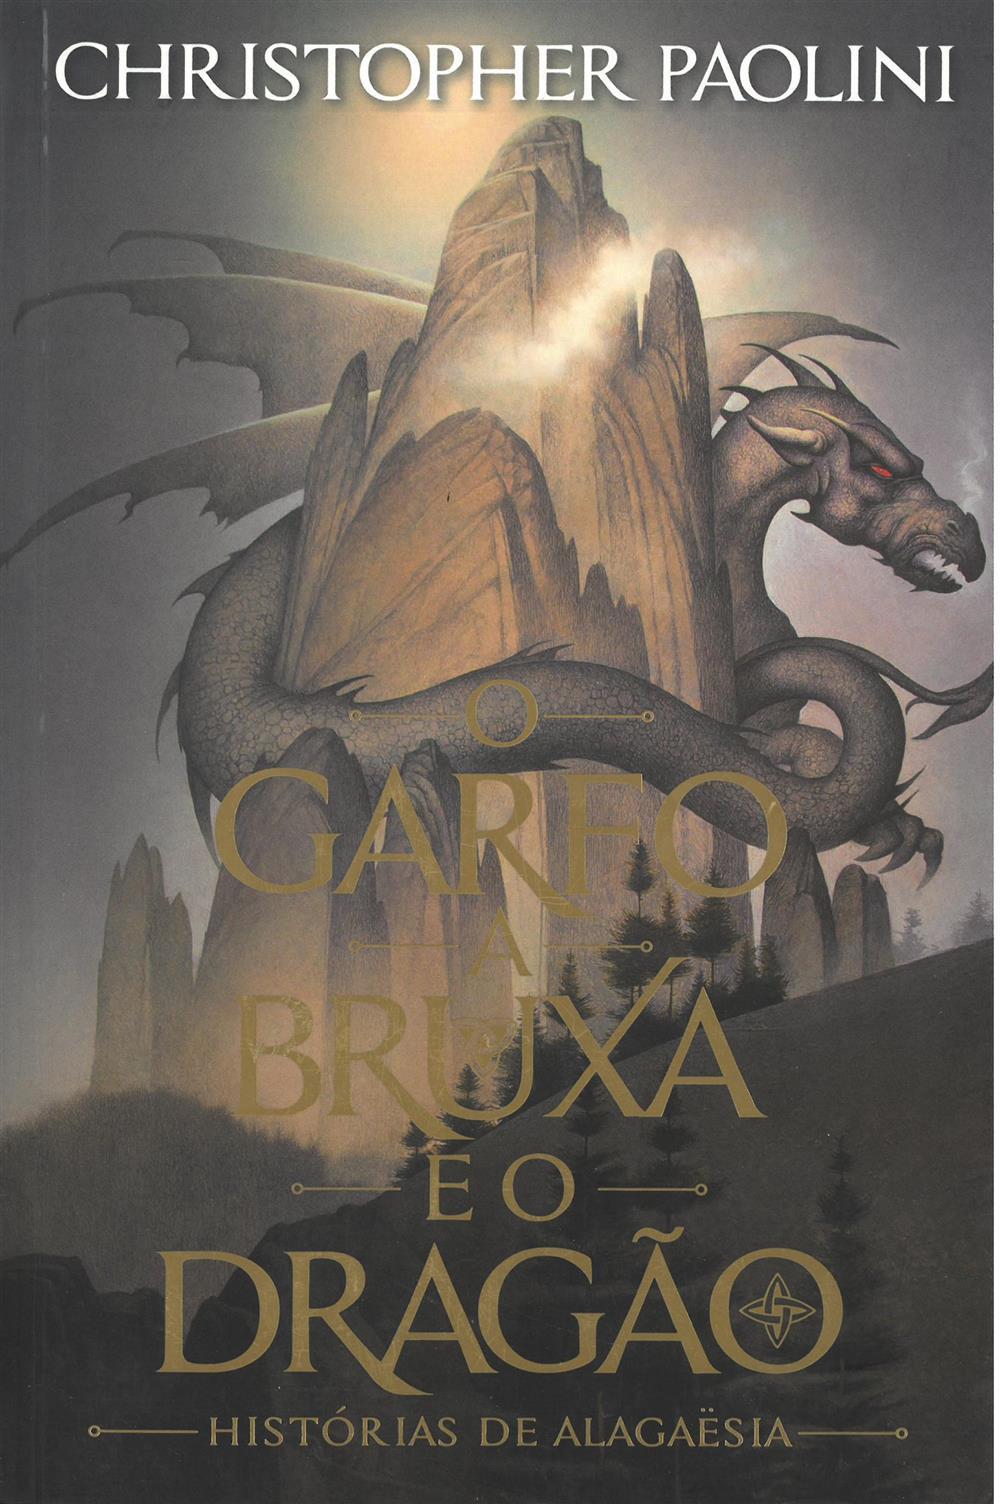 O garfo a bruxa e o dragão.jpg